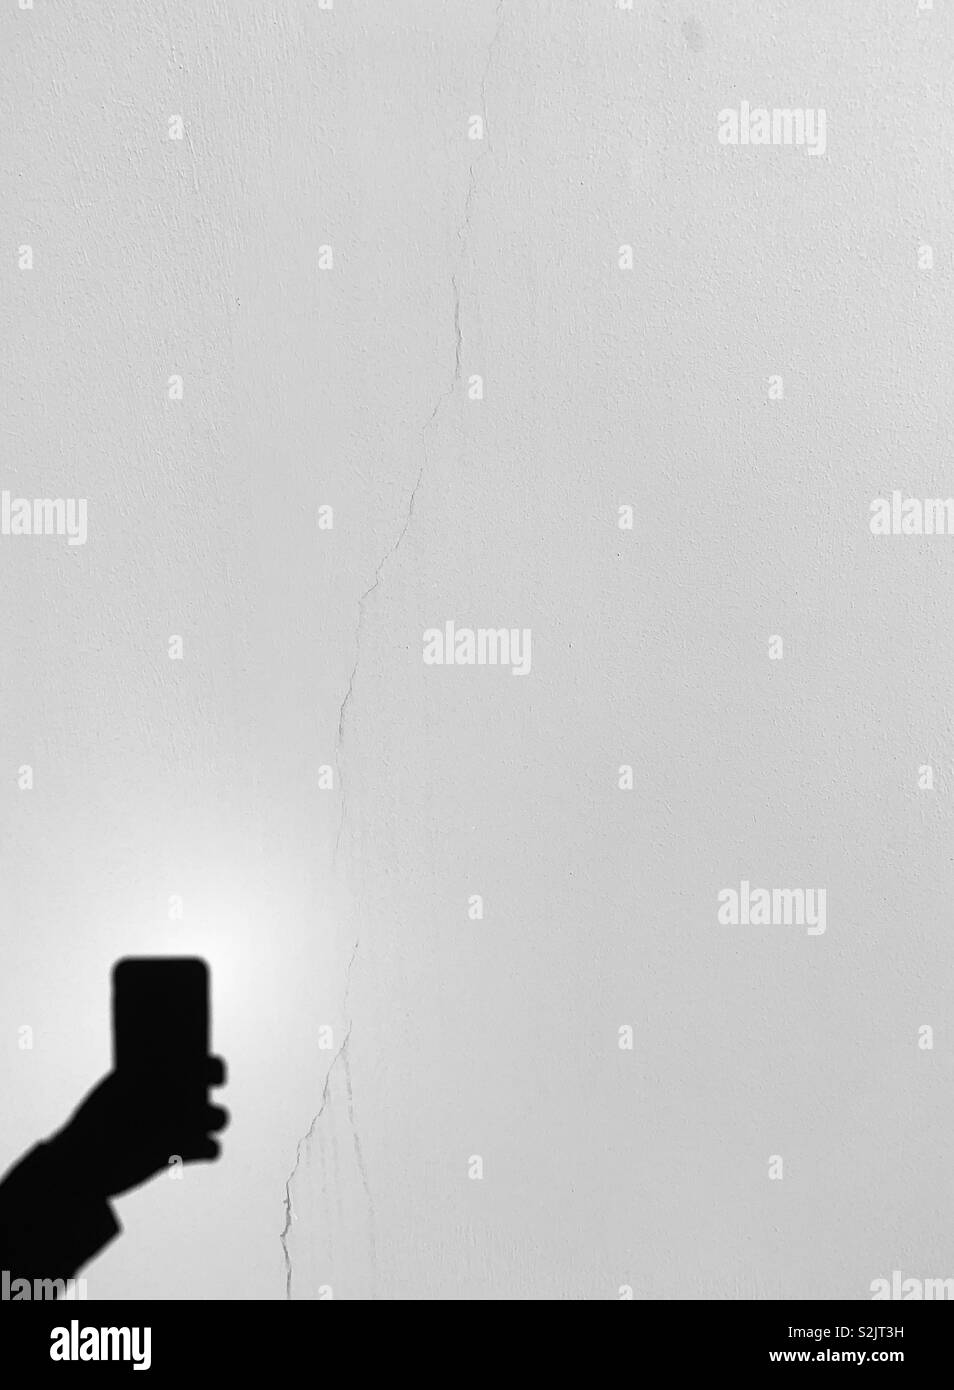 Ombra di una mano che tiene un telefono cellulare. Immagini Stock